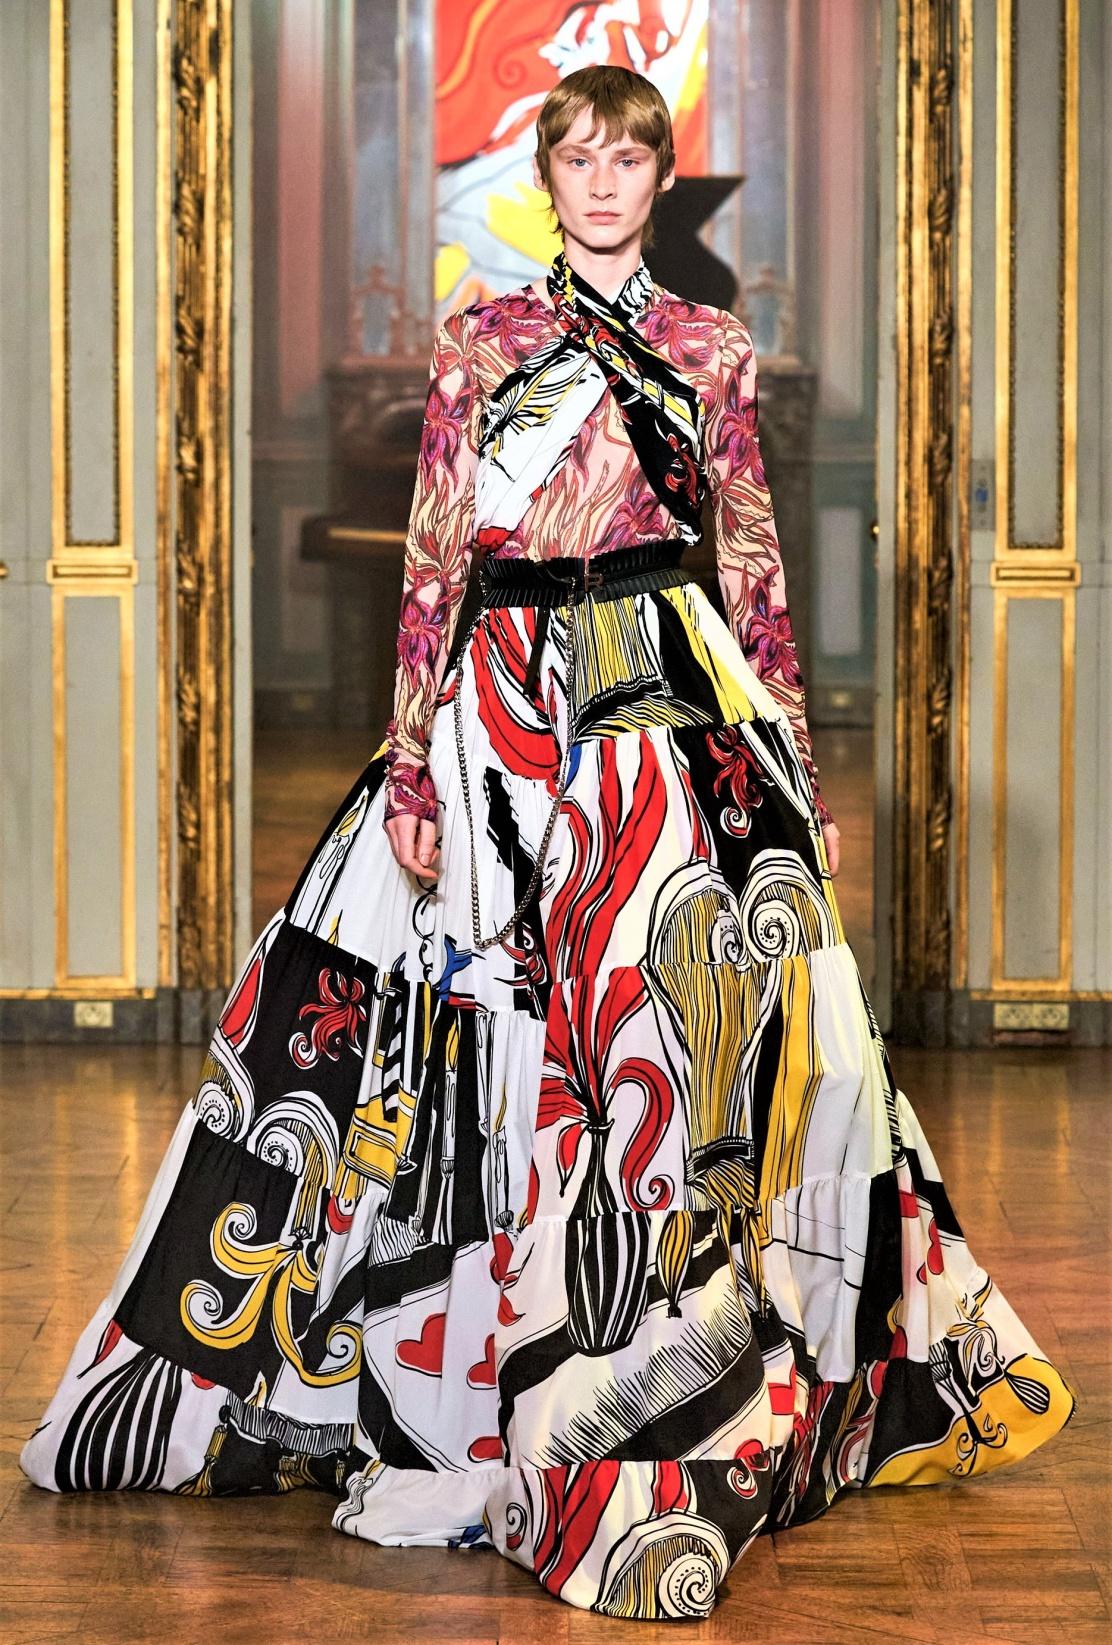 Paris 1. rochas full skirt vog cropped.jpg